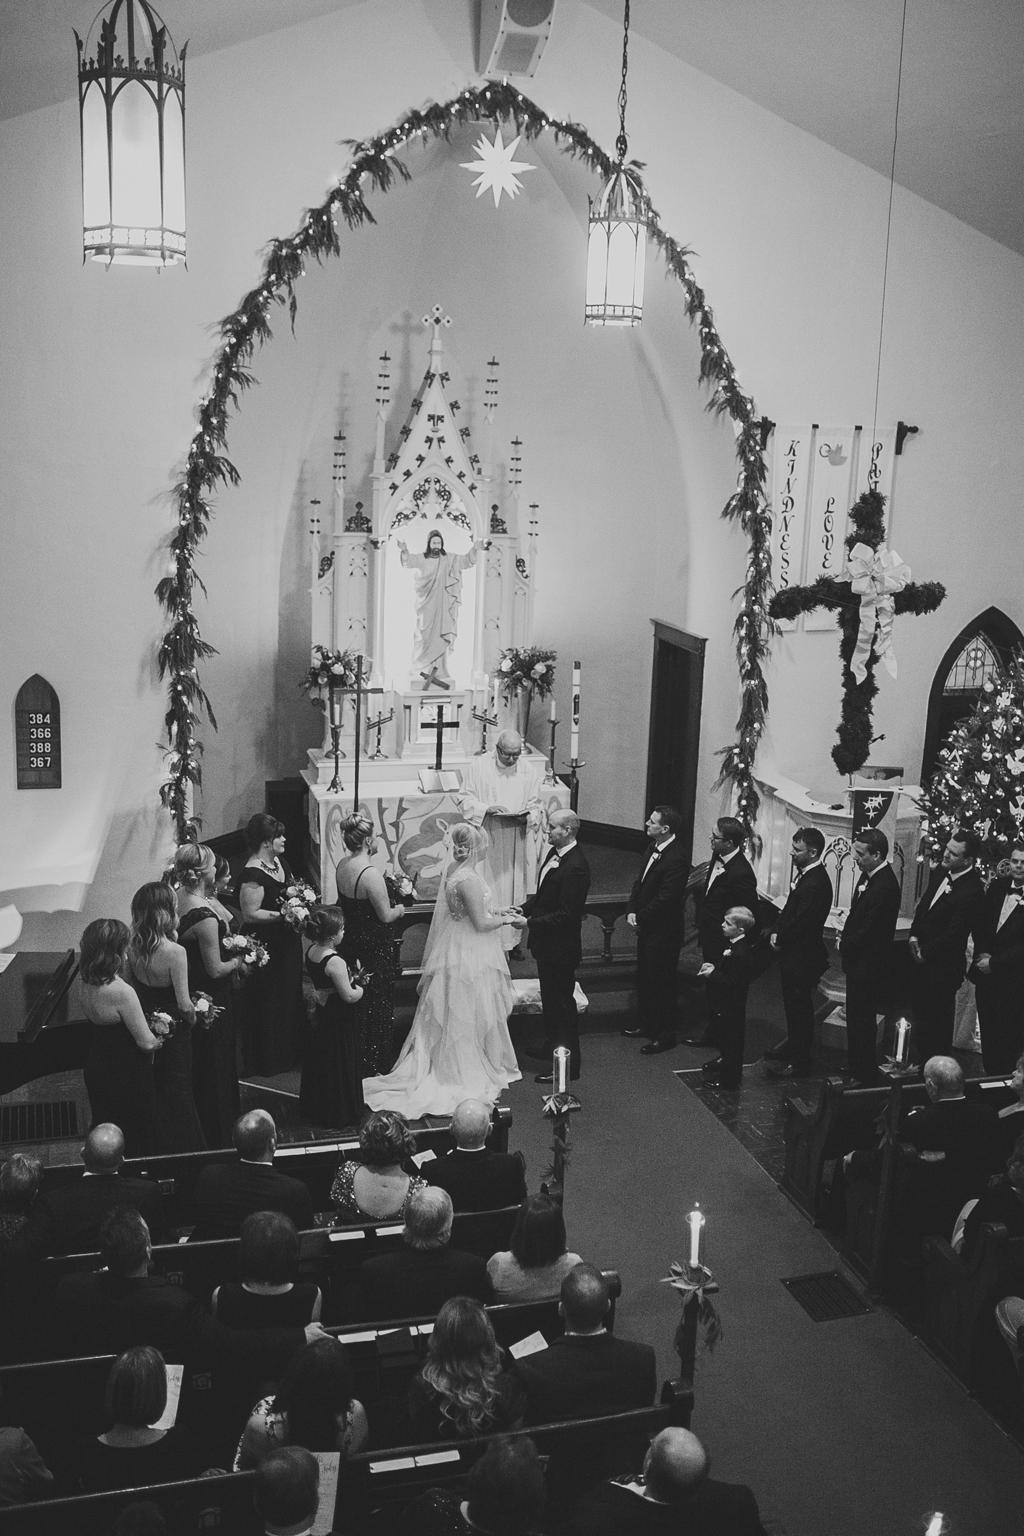 emilie-toby-new-years-wedding-8.jpg